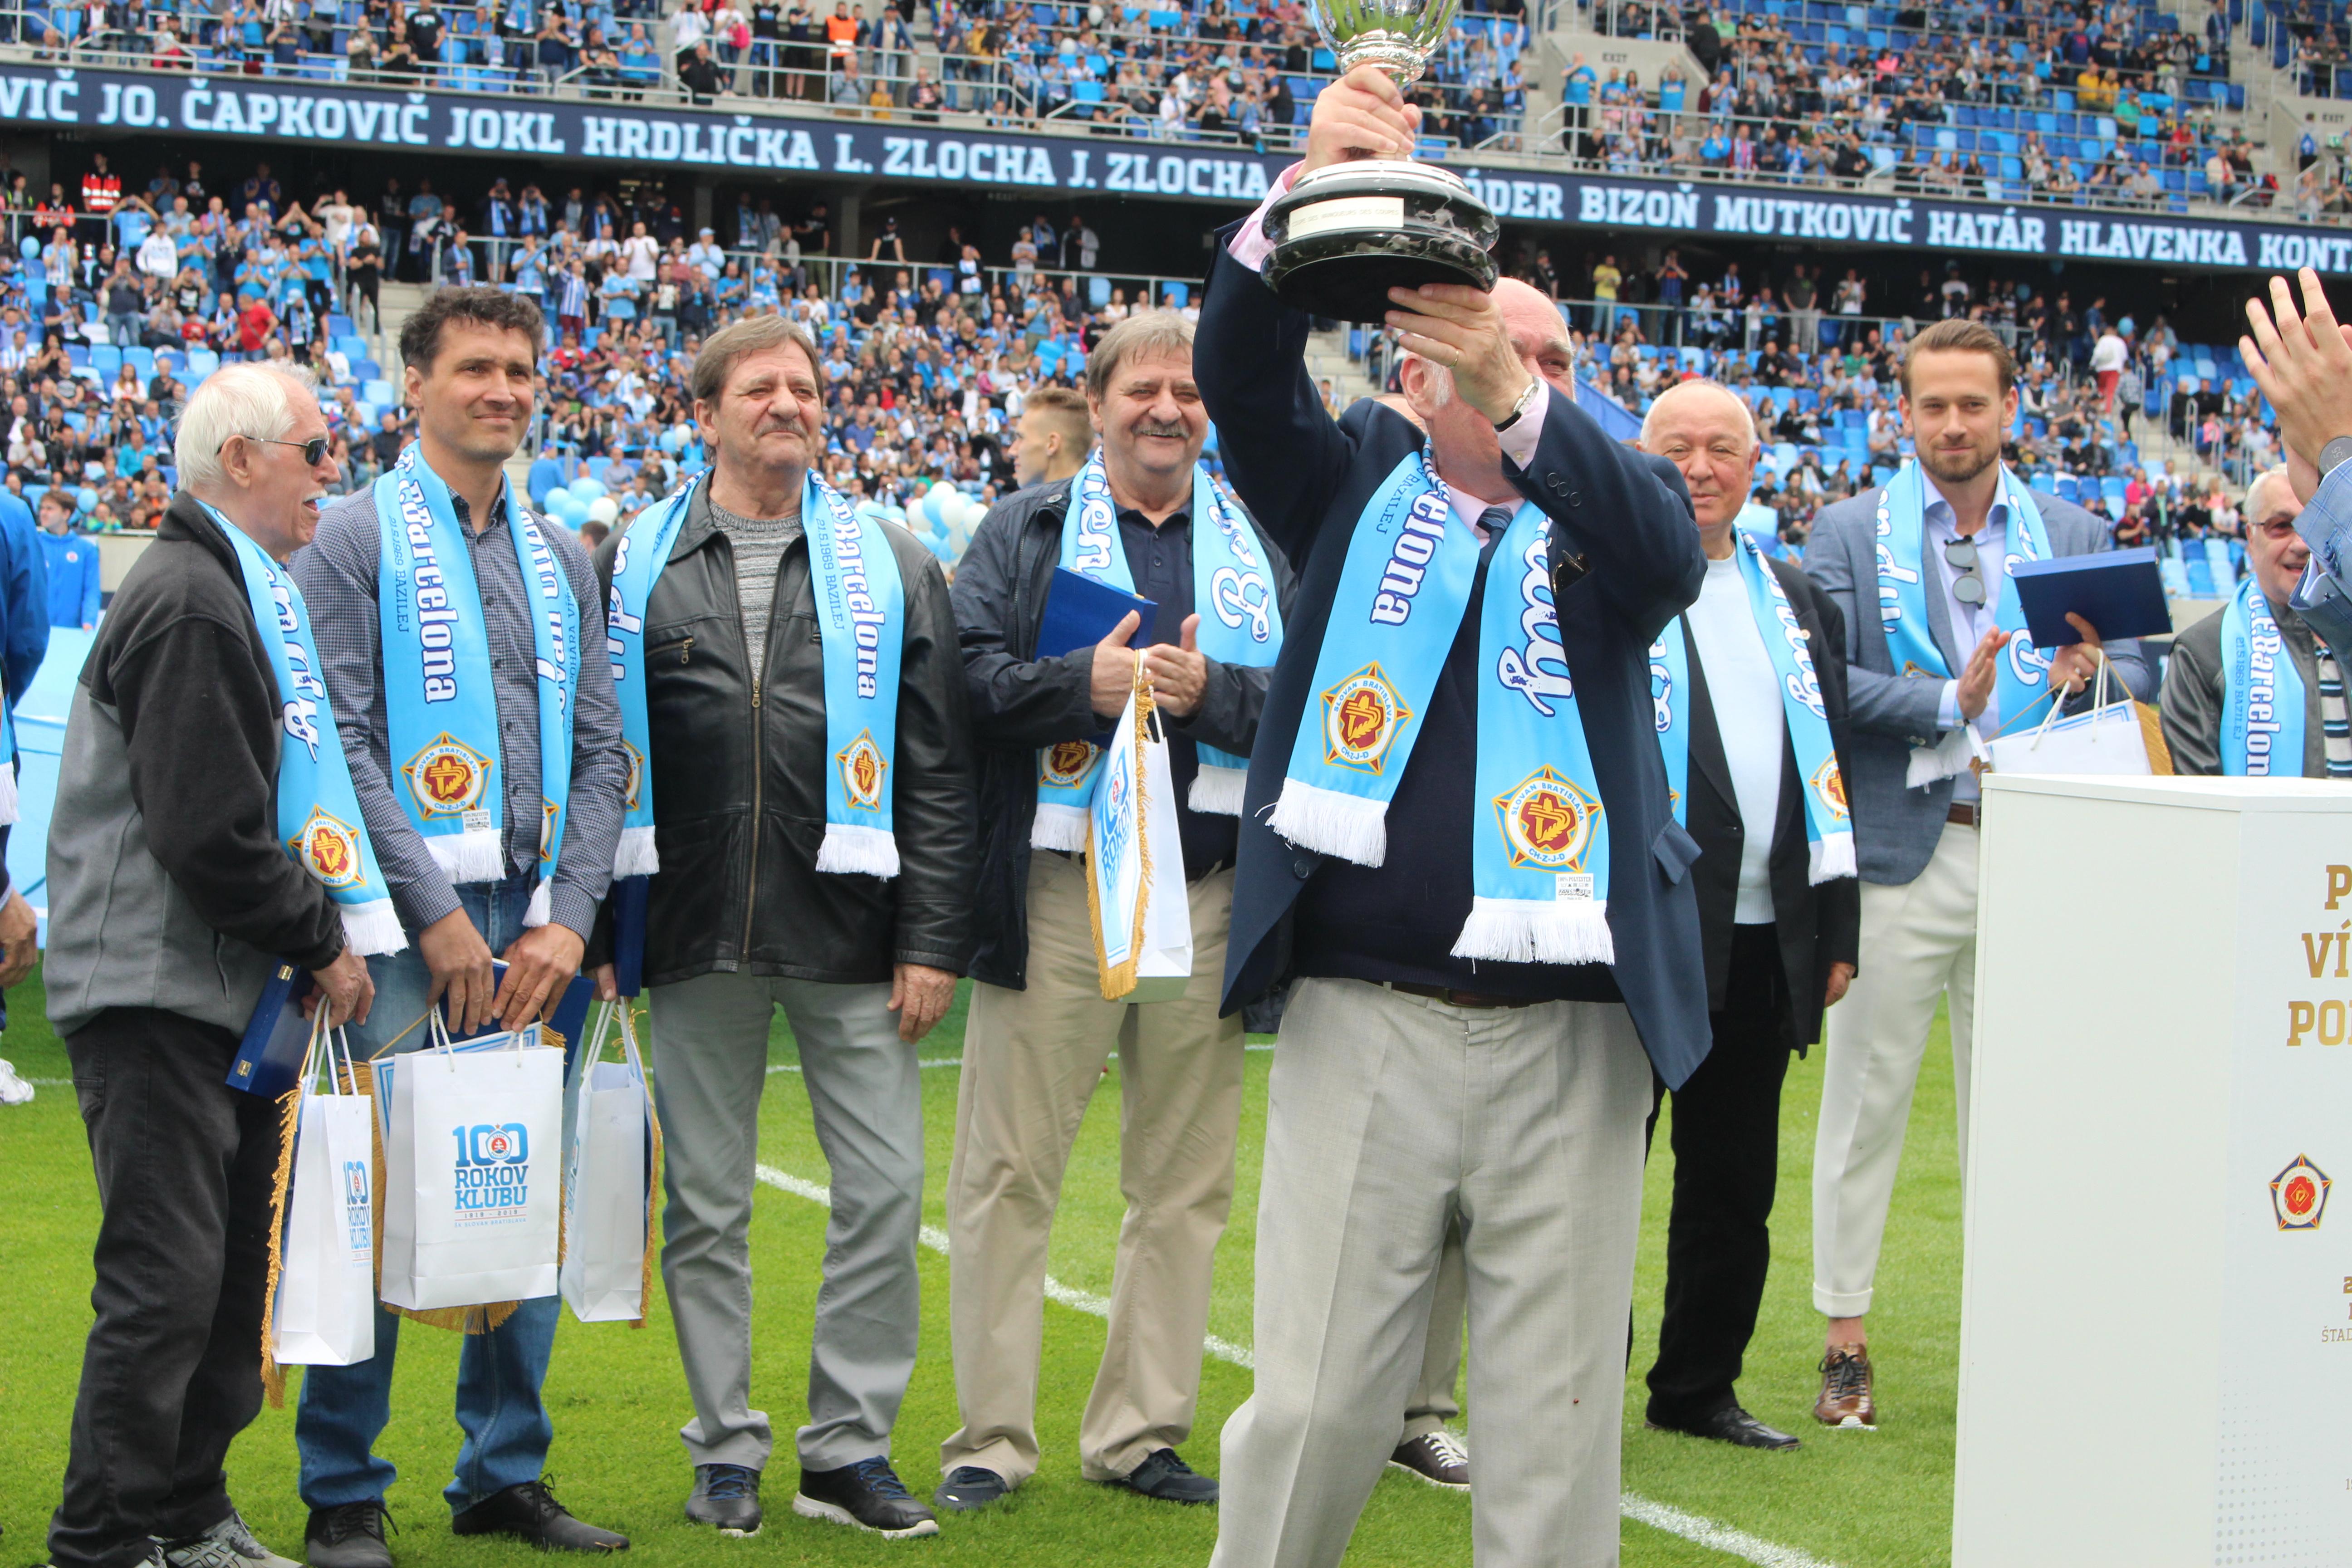 1284275c1a Zápas 8. kola nadstavbovej časti Fortuna ligy ŠK Slovan Bratislava – MŠK  Žilina (6 2) bol aj súčasťou osláv 100. výročia najúspešnejšieho  slovenského klubu